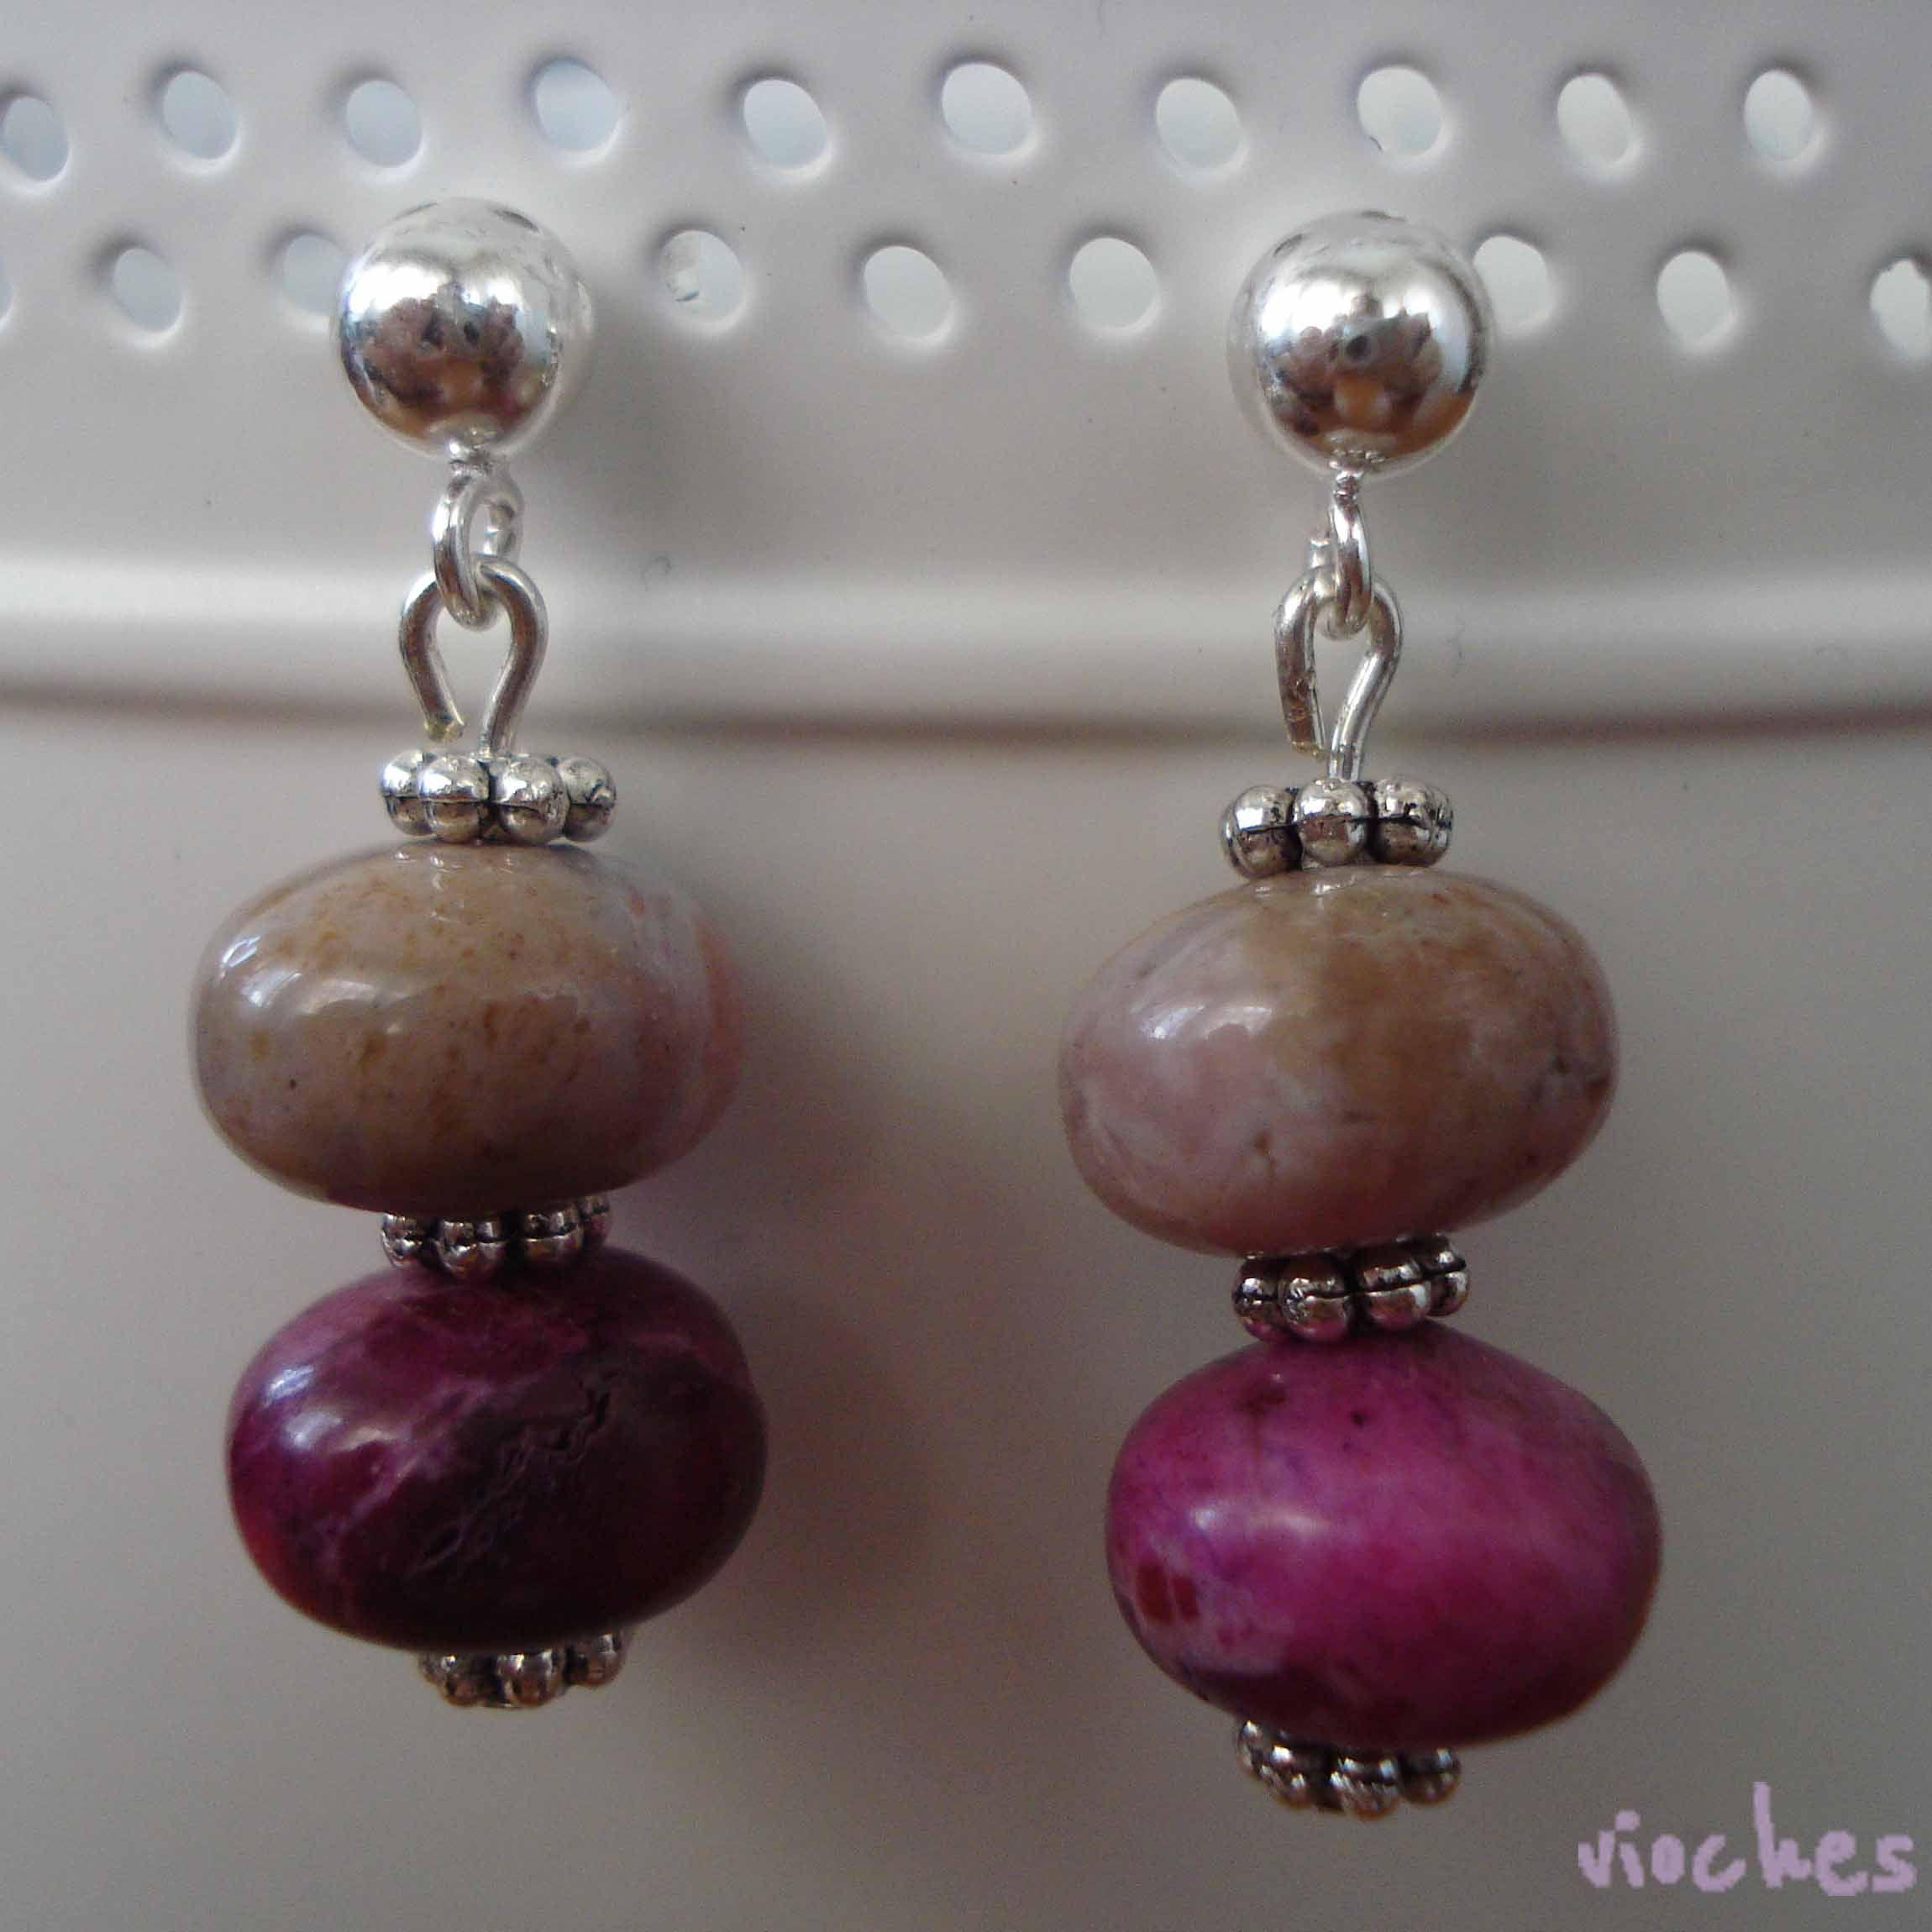 927142ff6b9f Pendientes de calcedonia beige y rosa. Los pendientes de calcedonia tienen  el cierre de plata